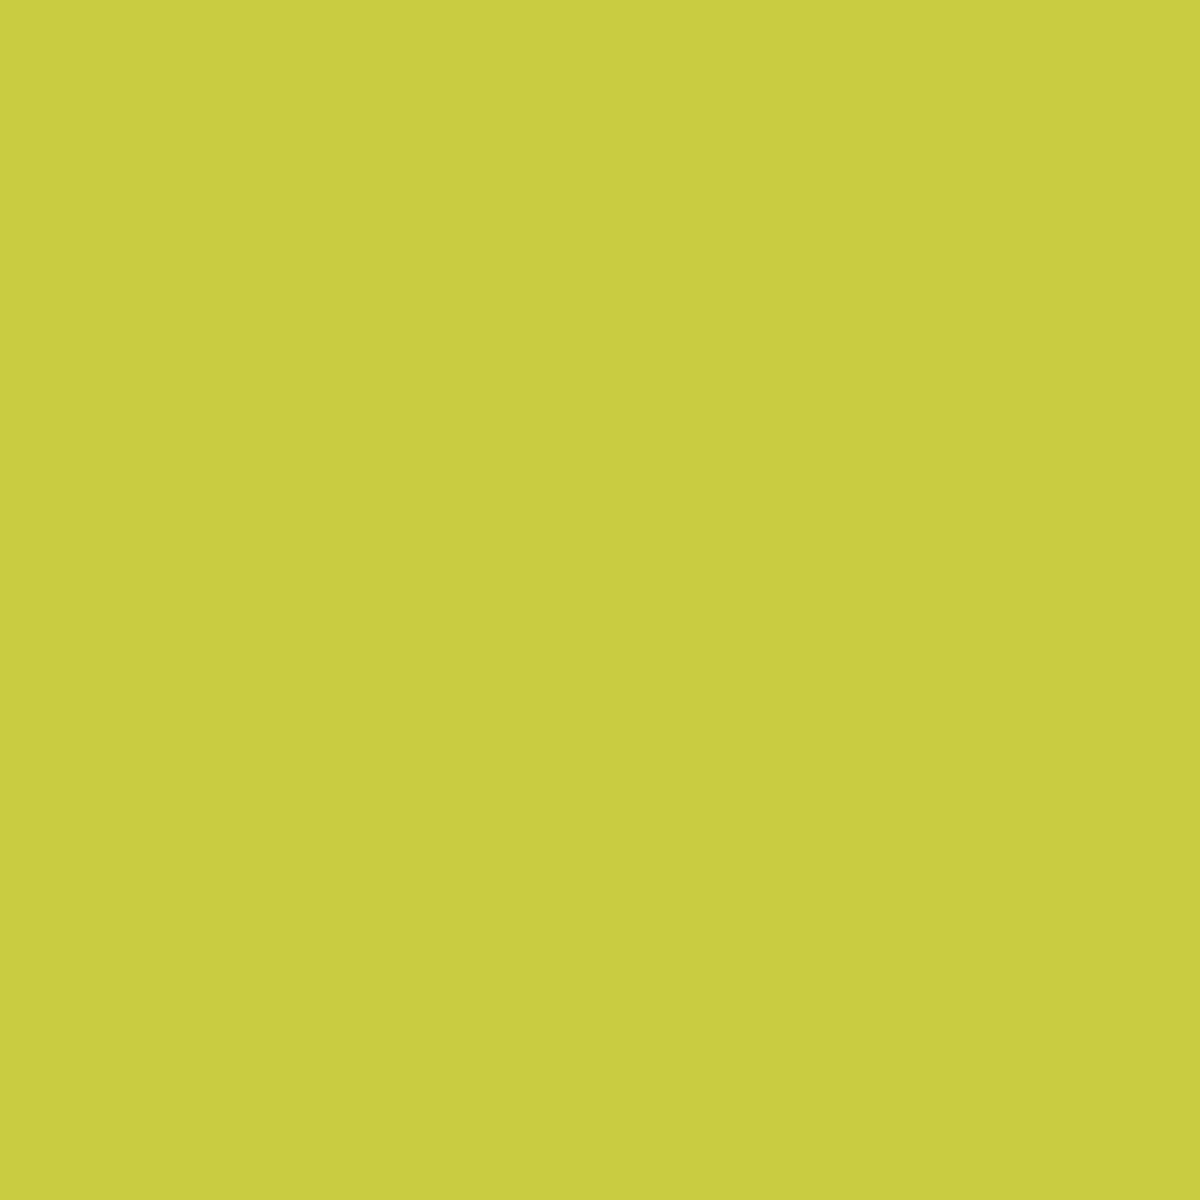 Quadratische Falt-Karten 15 x 15 cm   Gold Metallic Metallic Metallic   100 Stück   formstabil   für Drucker geeignet   für Grußkarten, Einladungen & mehr   Qualitätsmarke  FarbenFroh® von Gustav NEUSER® B07D3B34VJ | Qualität und Verbrauch b669db